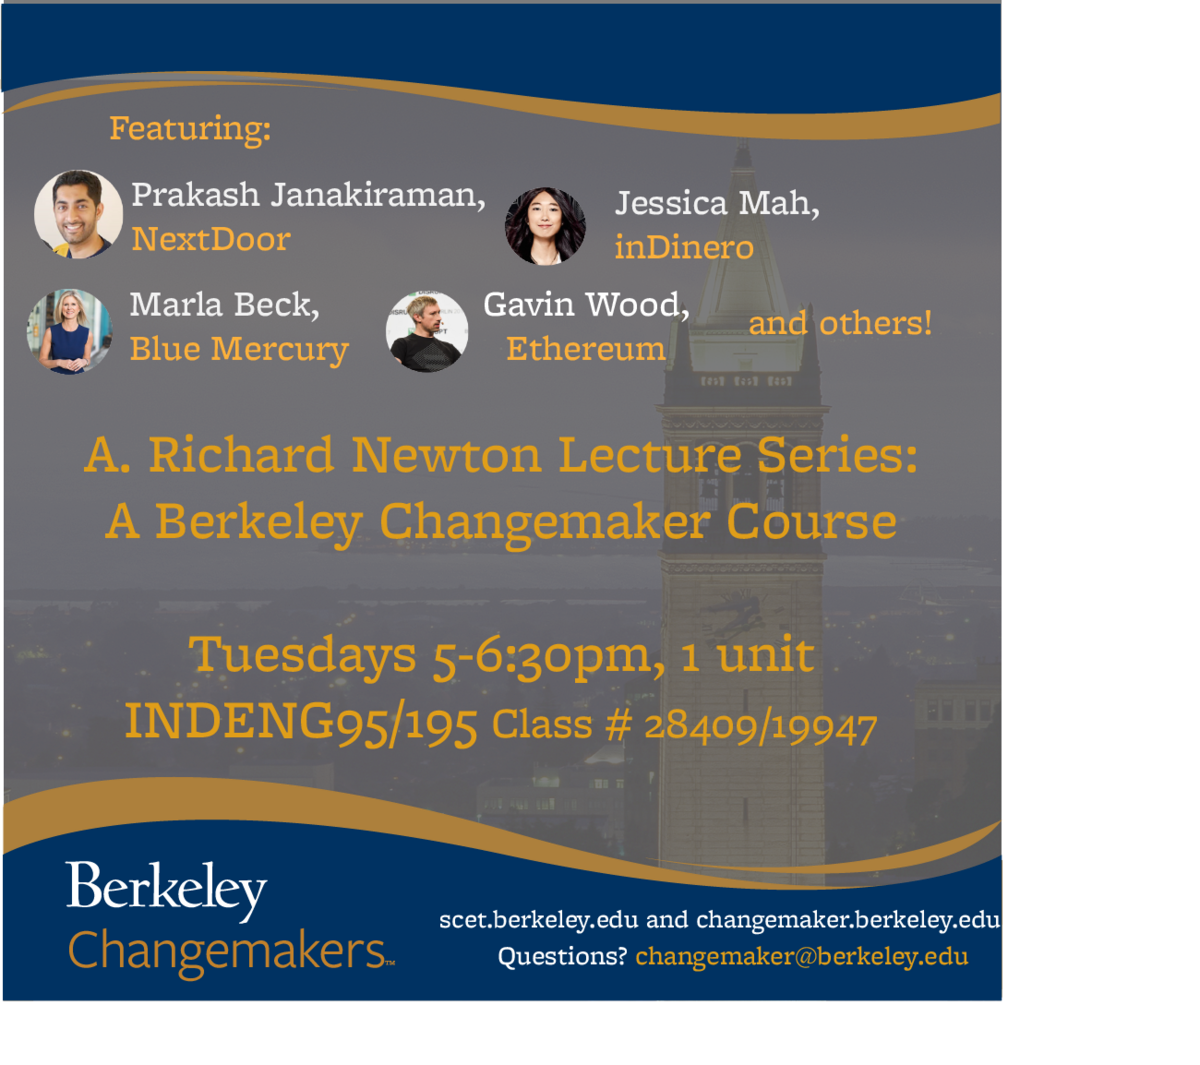 A. Richard Newton Lecture Series: A Berkeley Changemaker Course